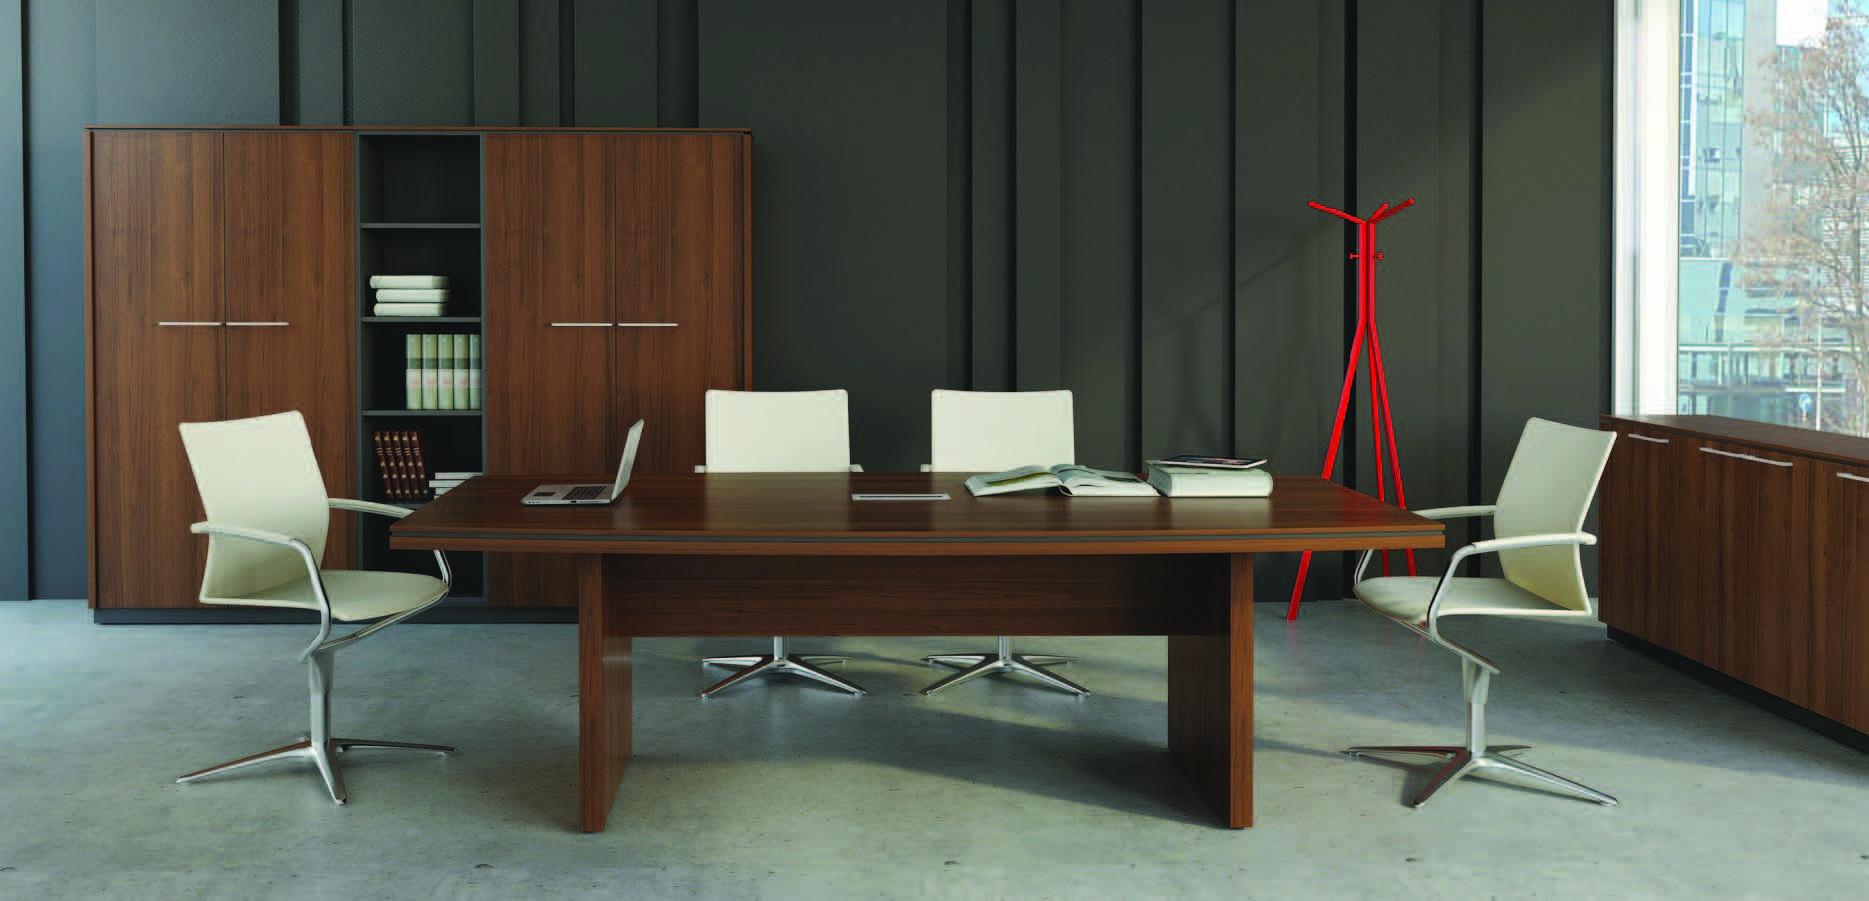 Bmbureau furniture mobilier bureau office workstation manager hautegamme